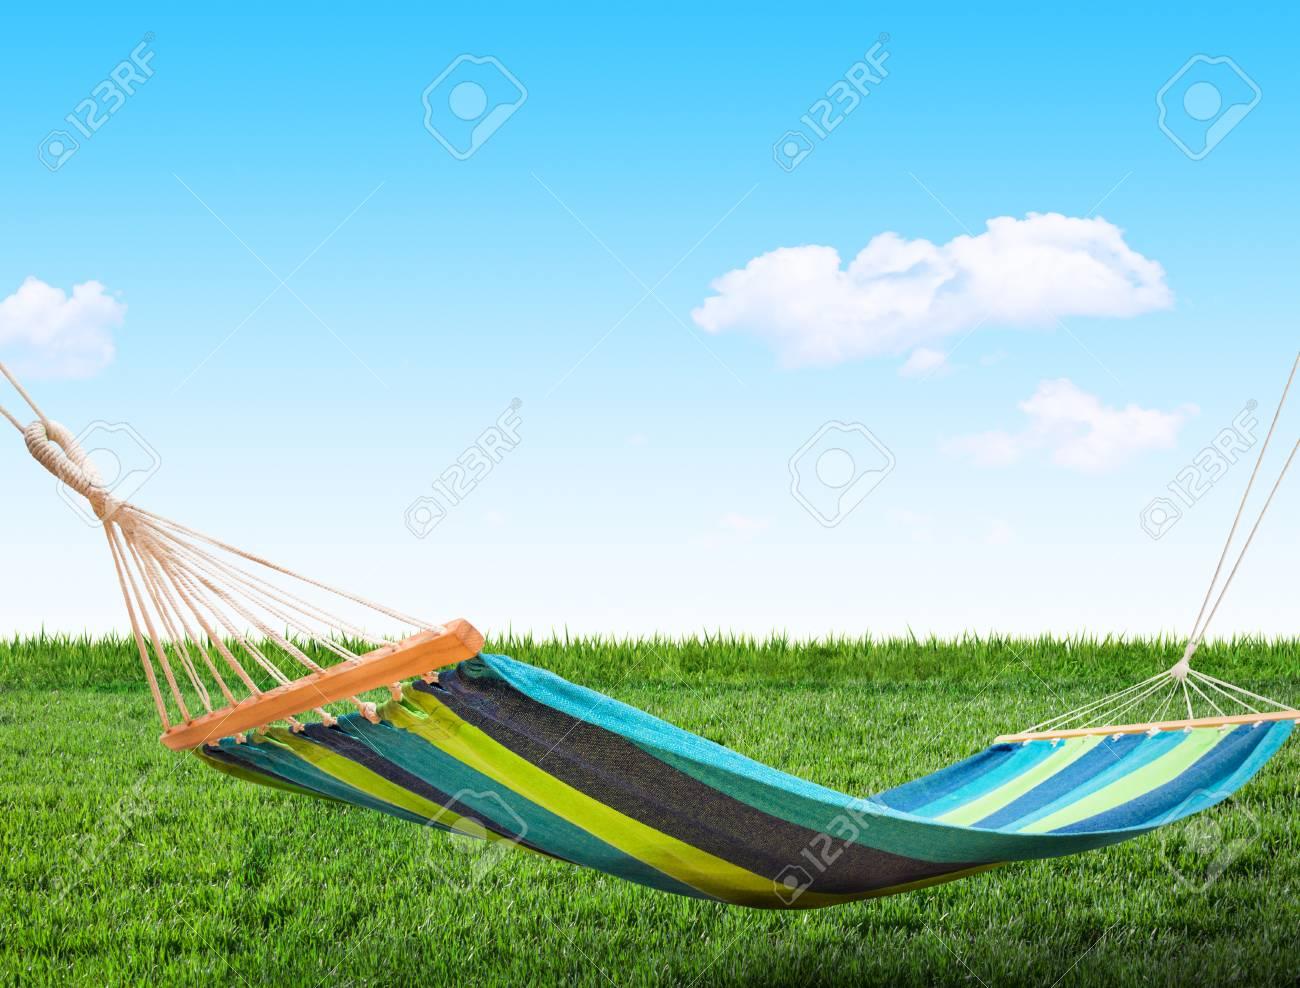 Relaxing on hammock in backyard - 36384133